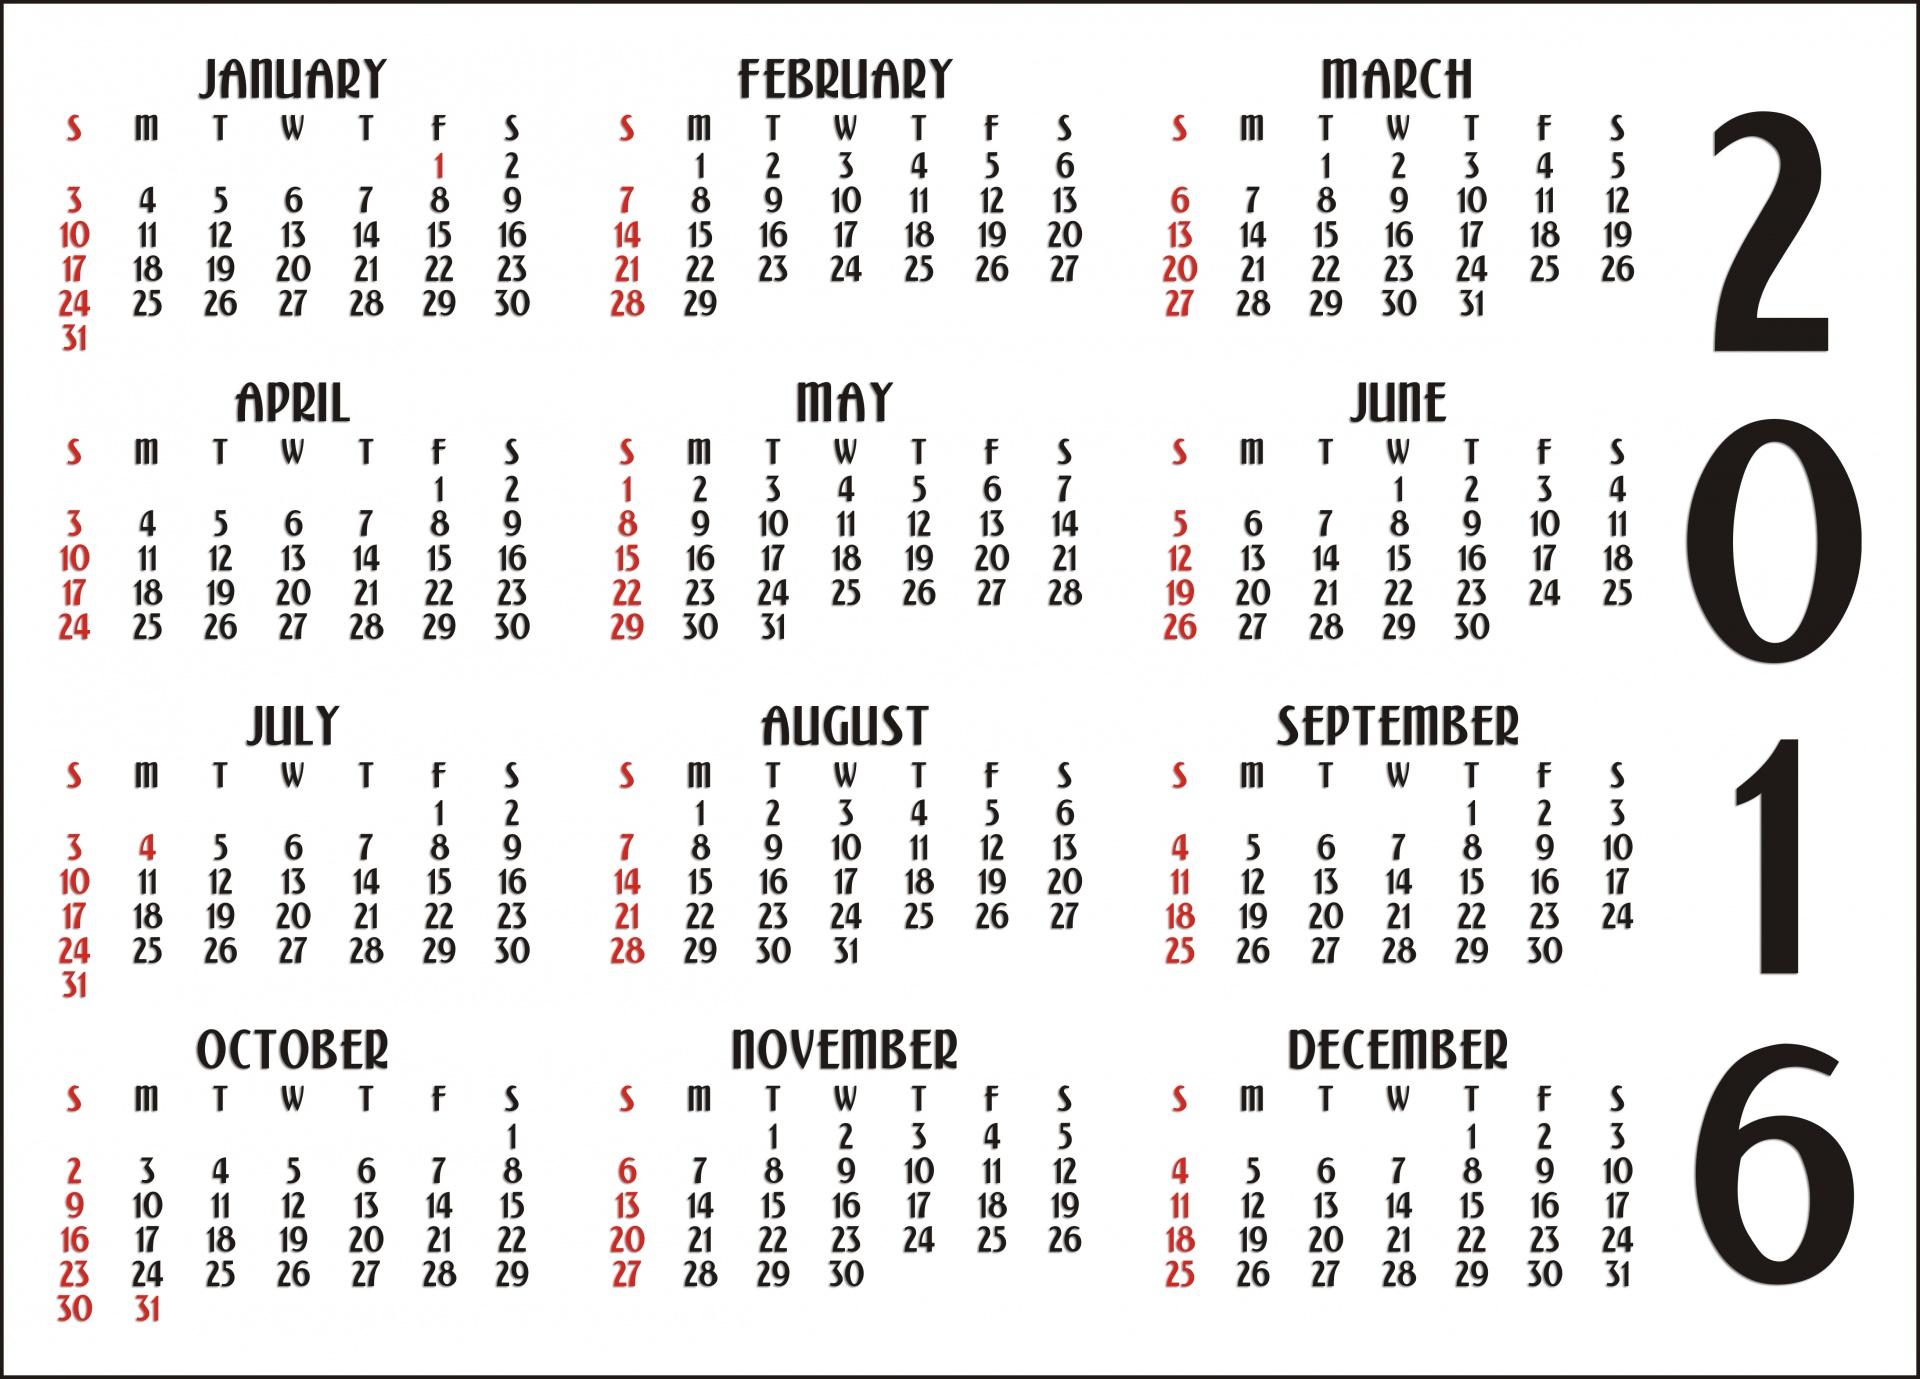 12 Months Calendar  Printable Year Calendar regarding Calendar Template 12 Months One Page